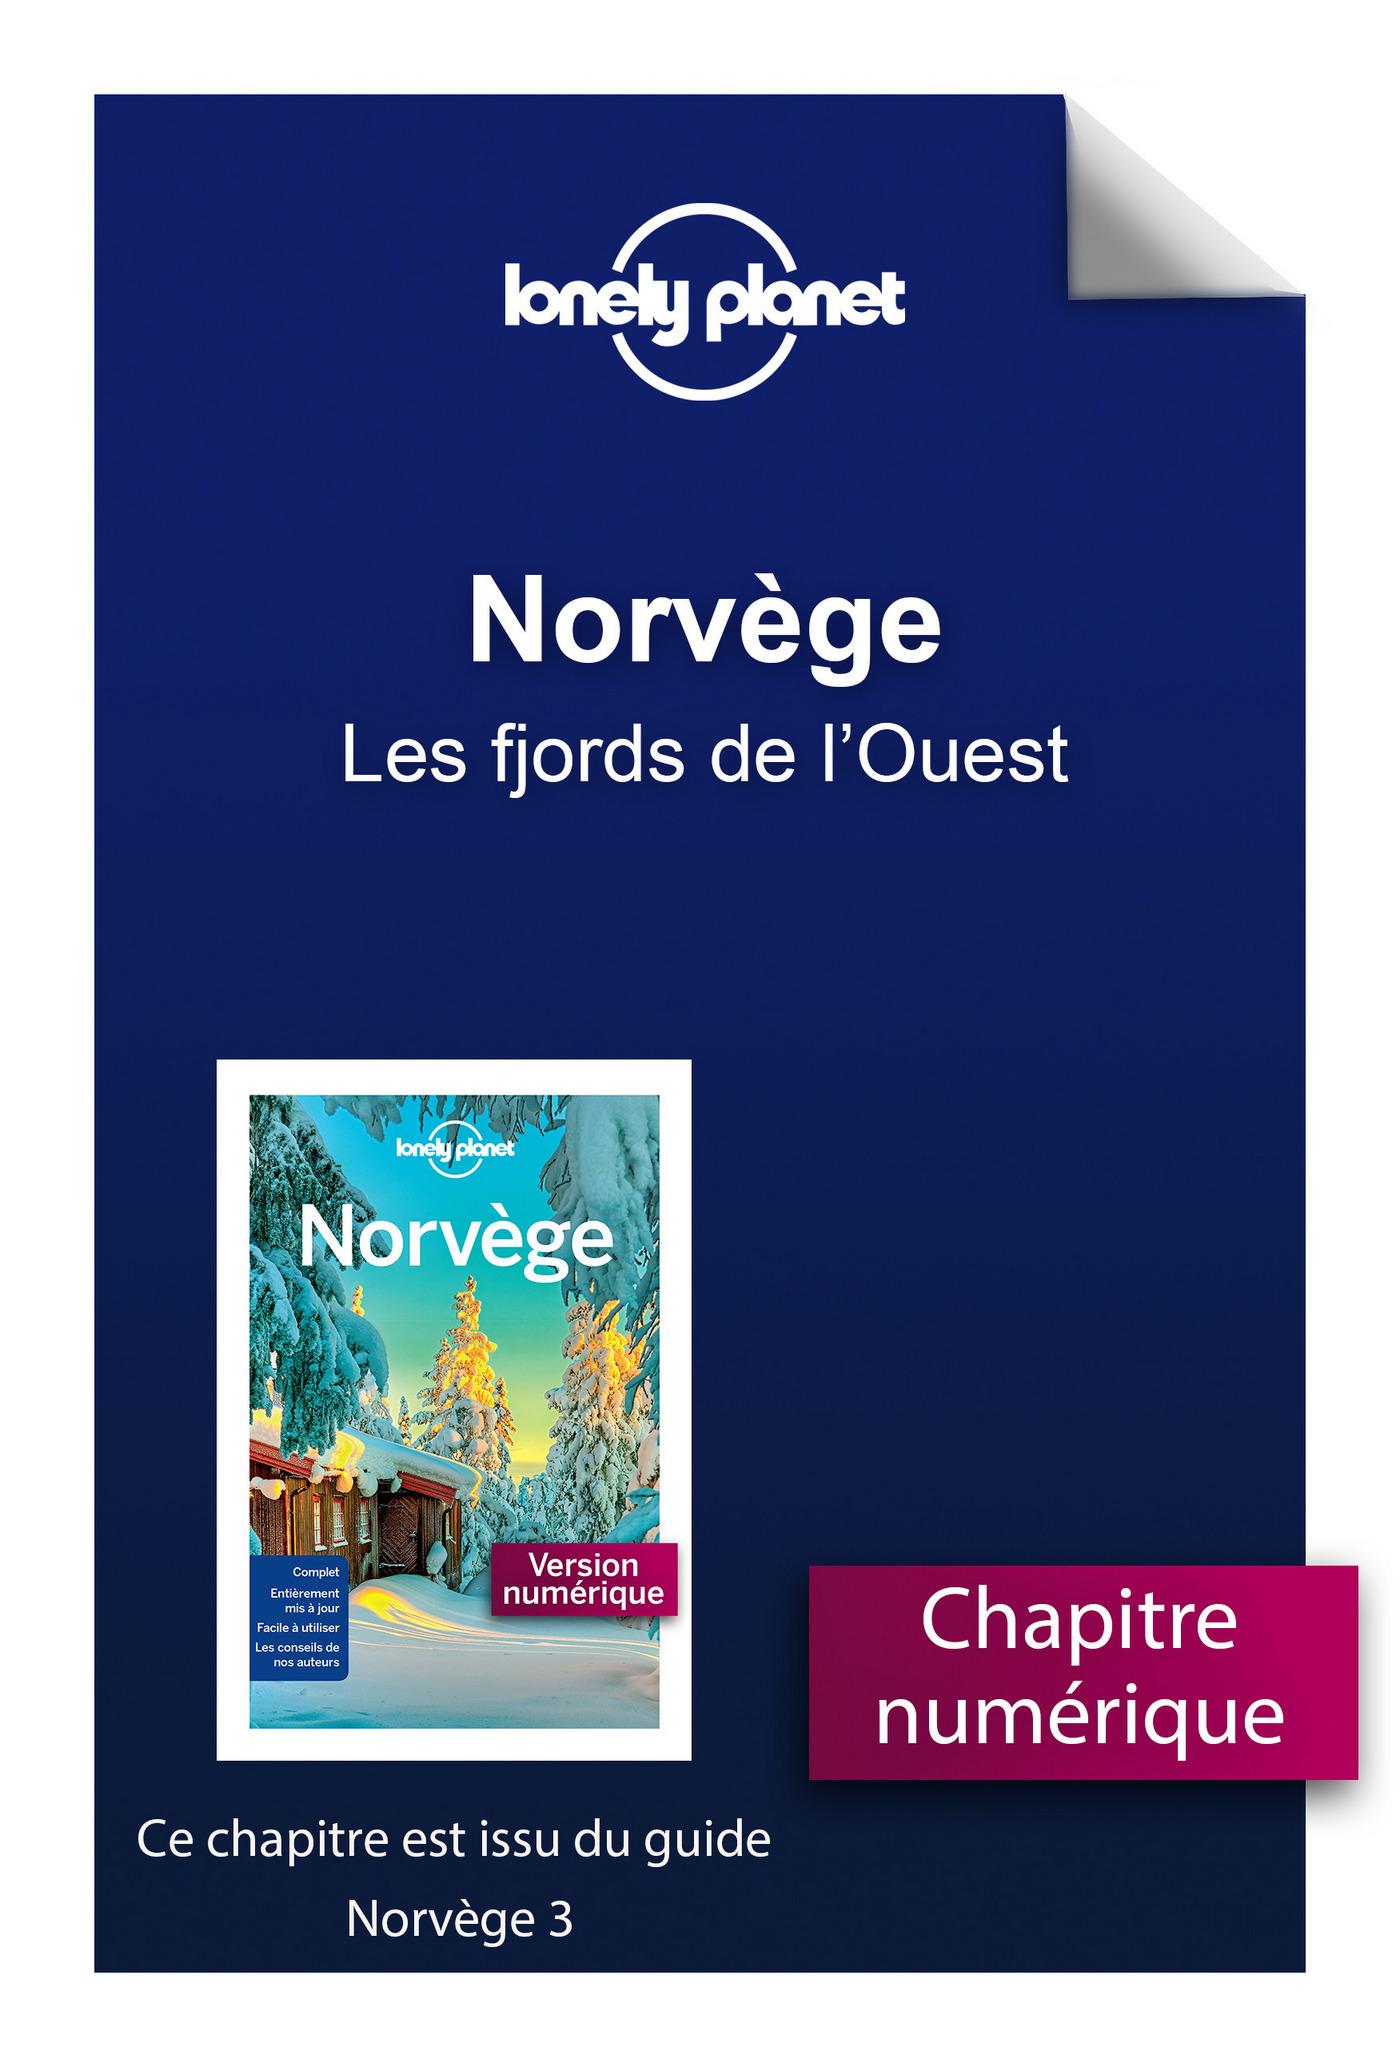 Norvège 3 - Les fjords de l'Ouest